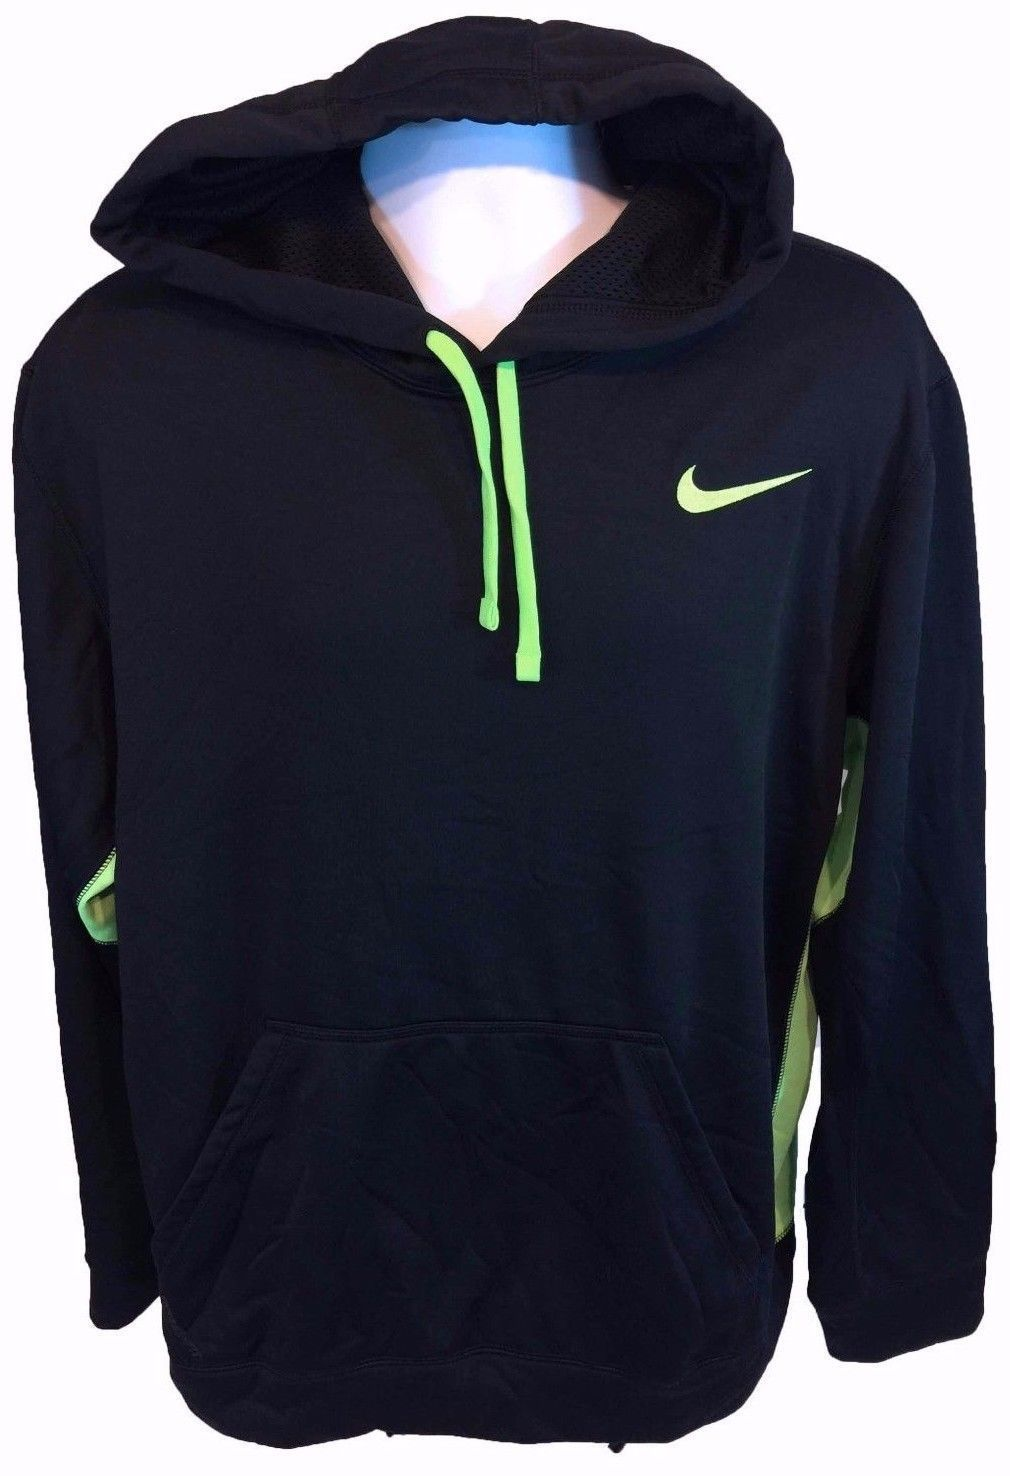 nike hoodie neon